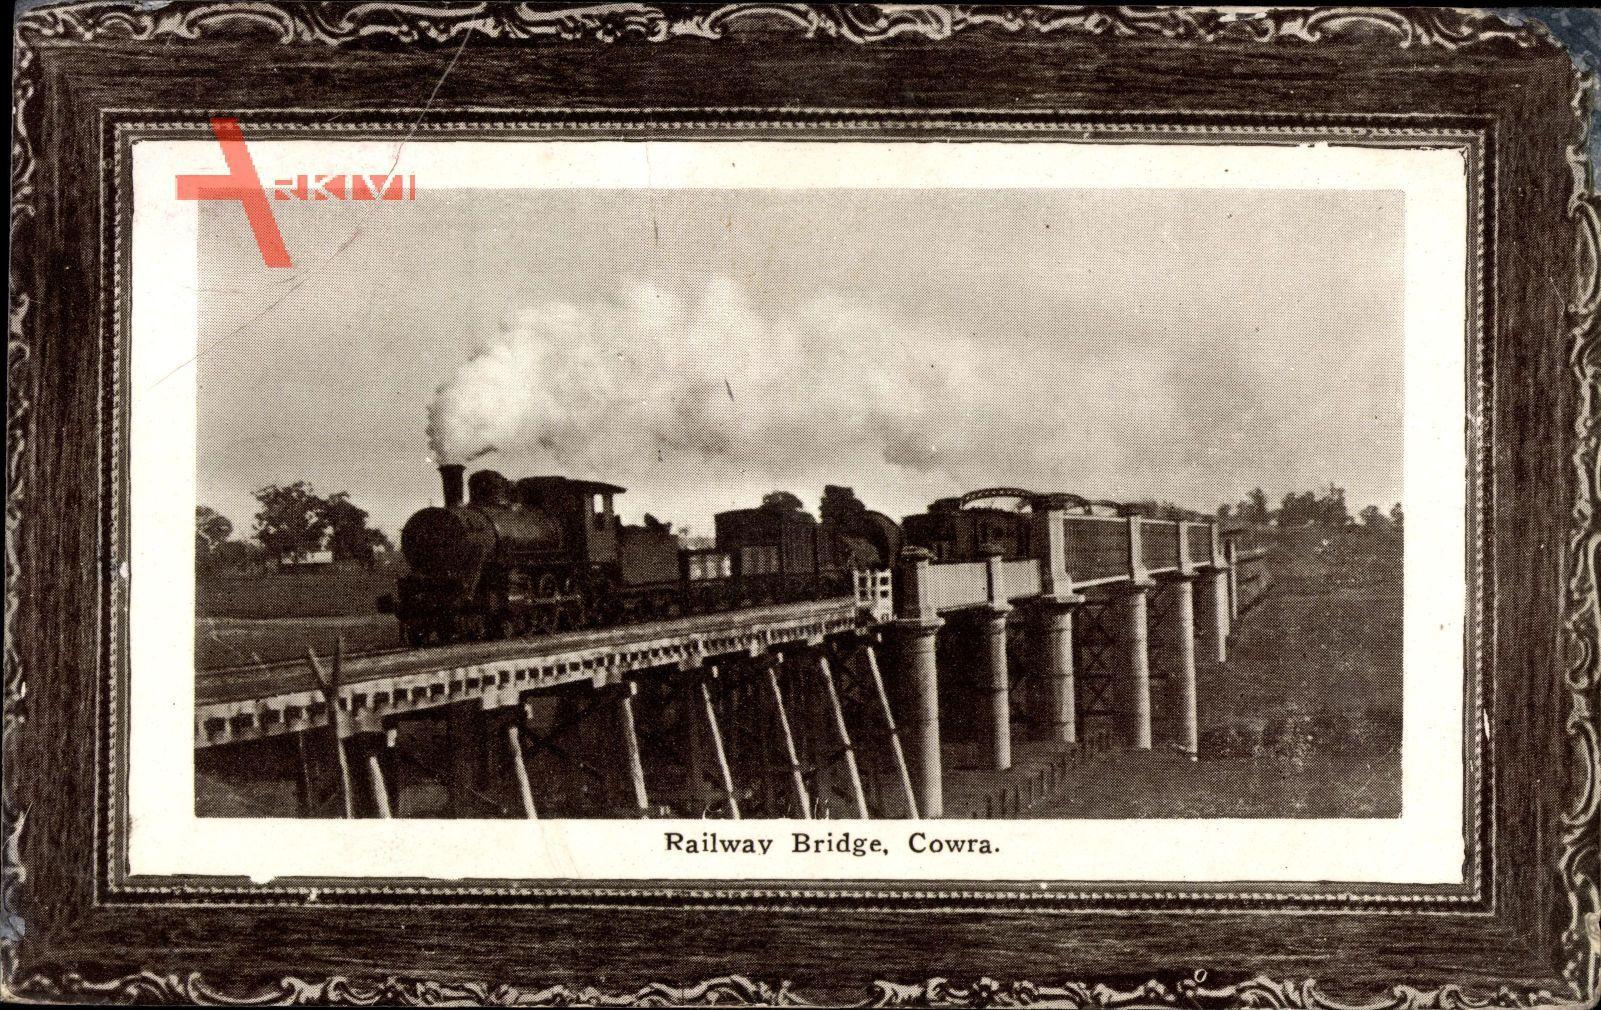 Passepartout Cowra Australien, Railway Bridge, Eisenbahnbrücke